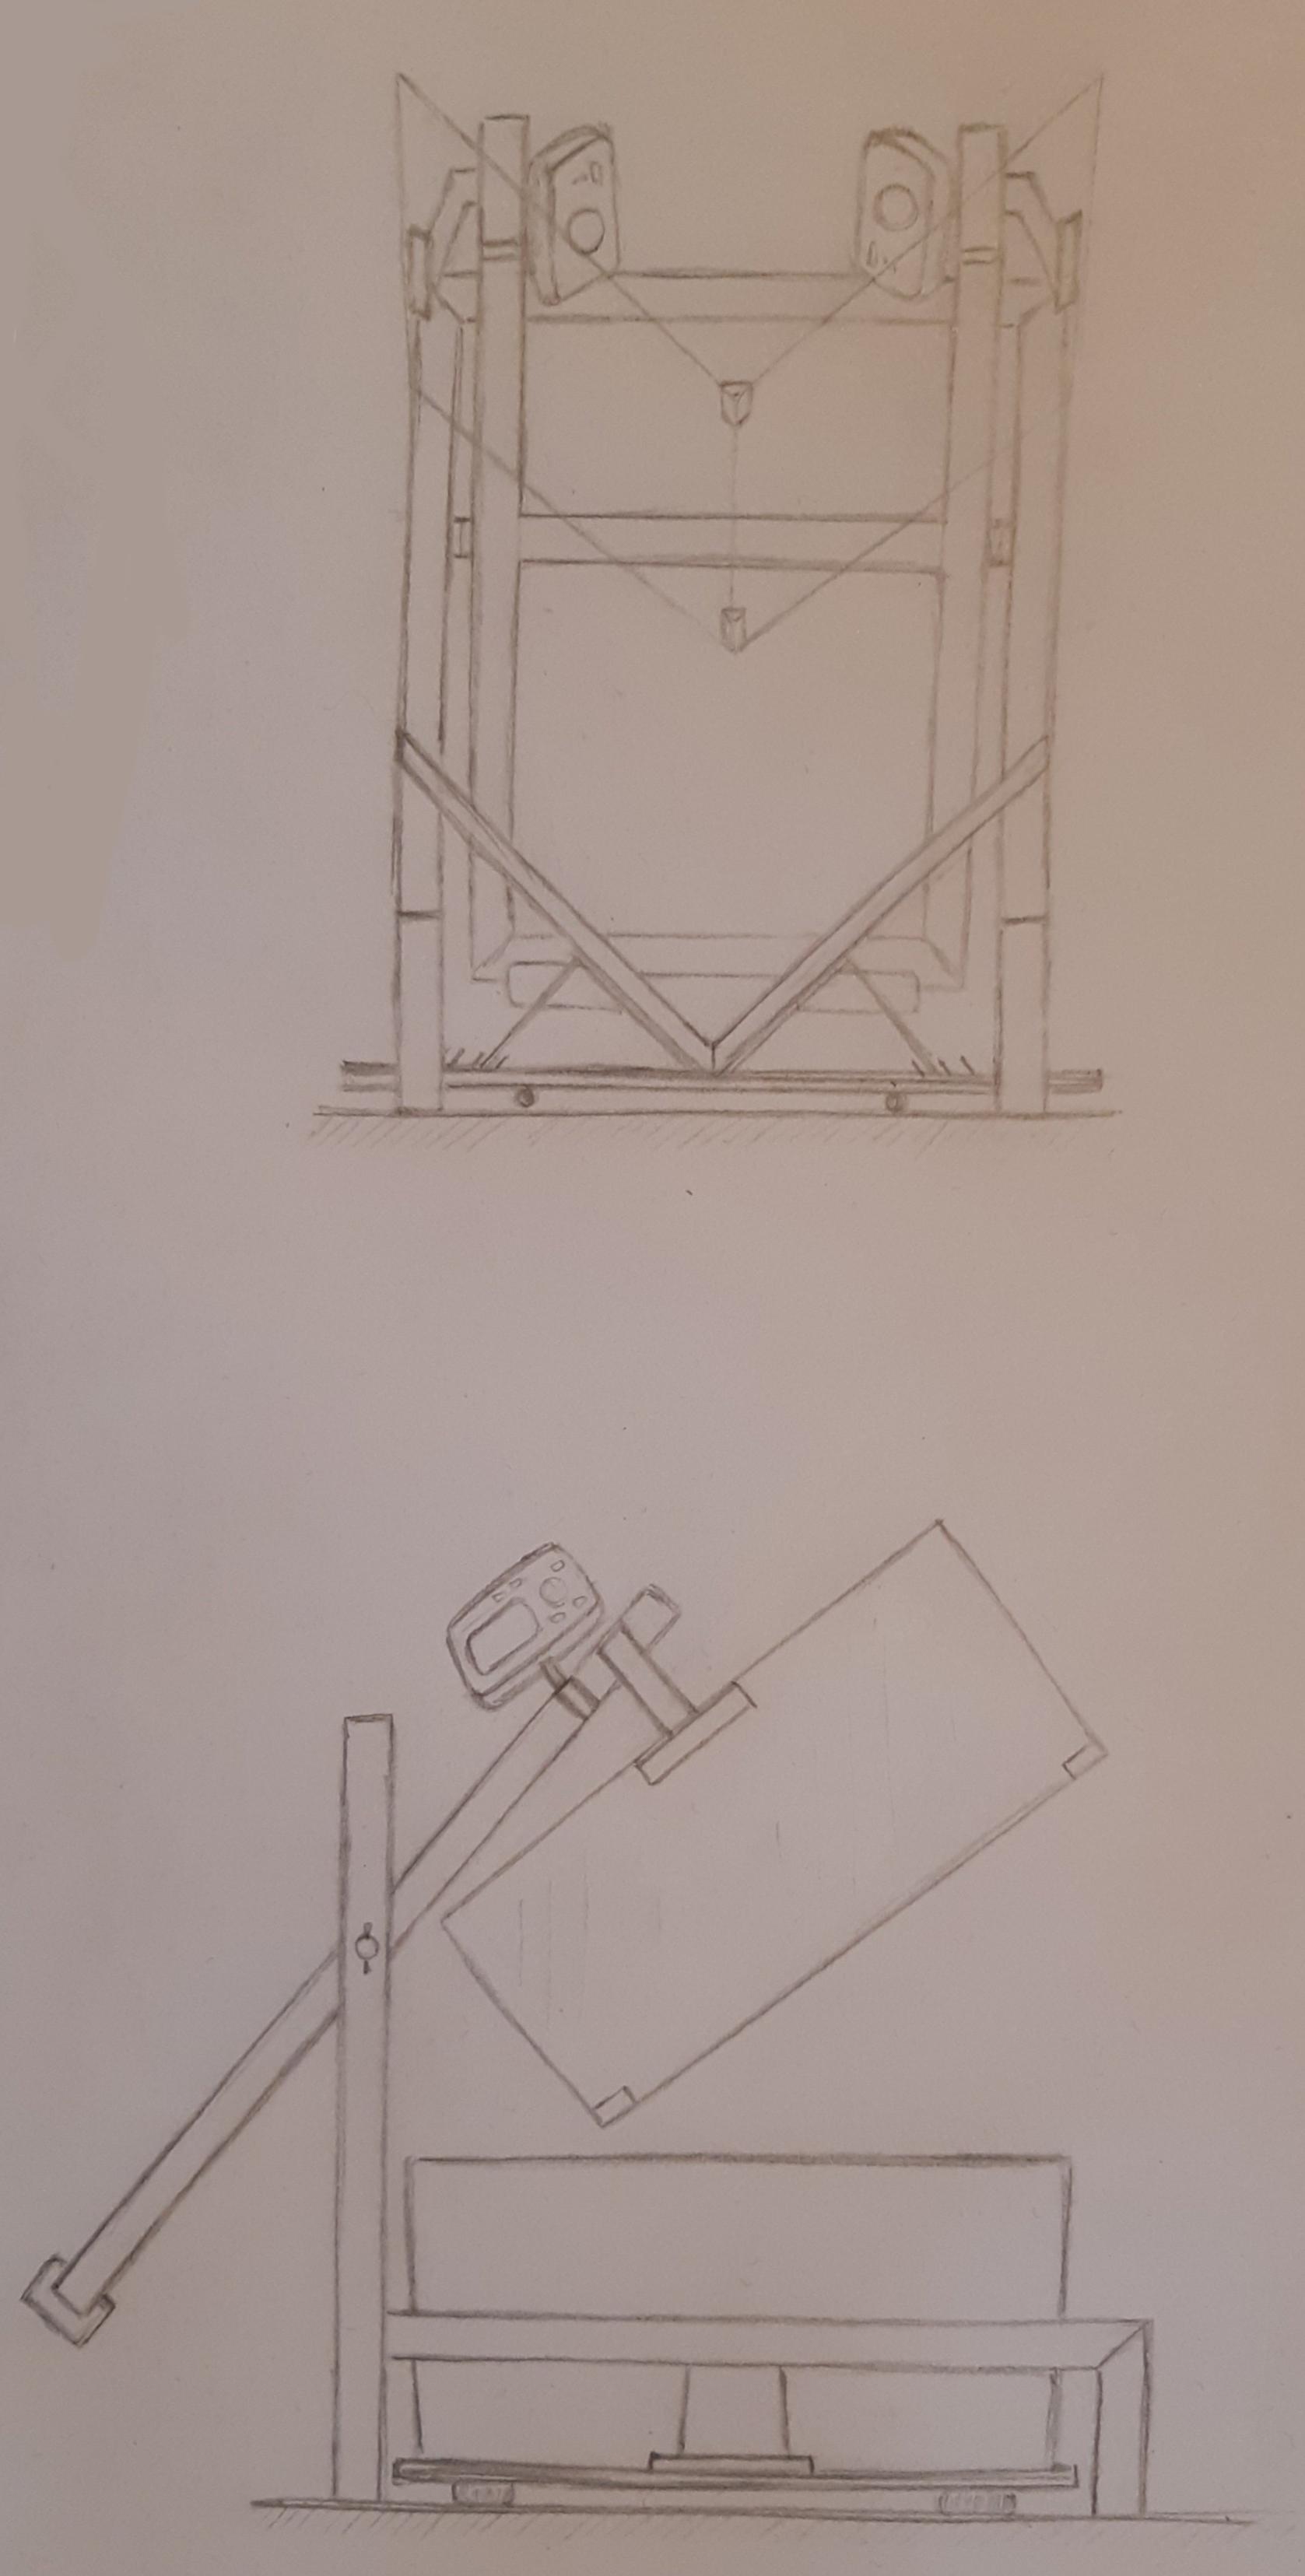 Konstruksjonsskisse